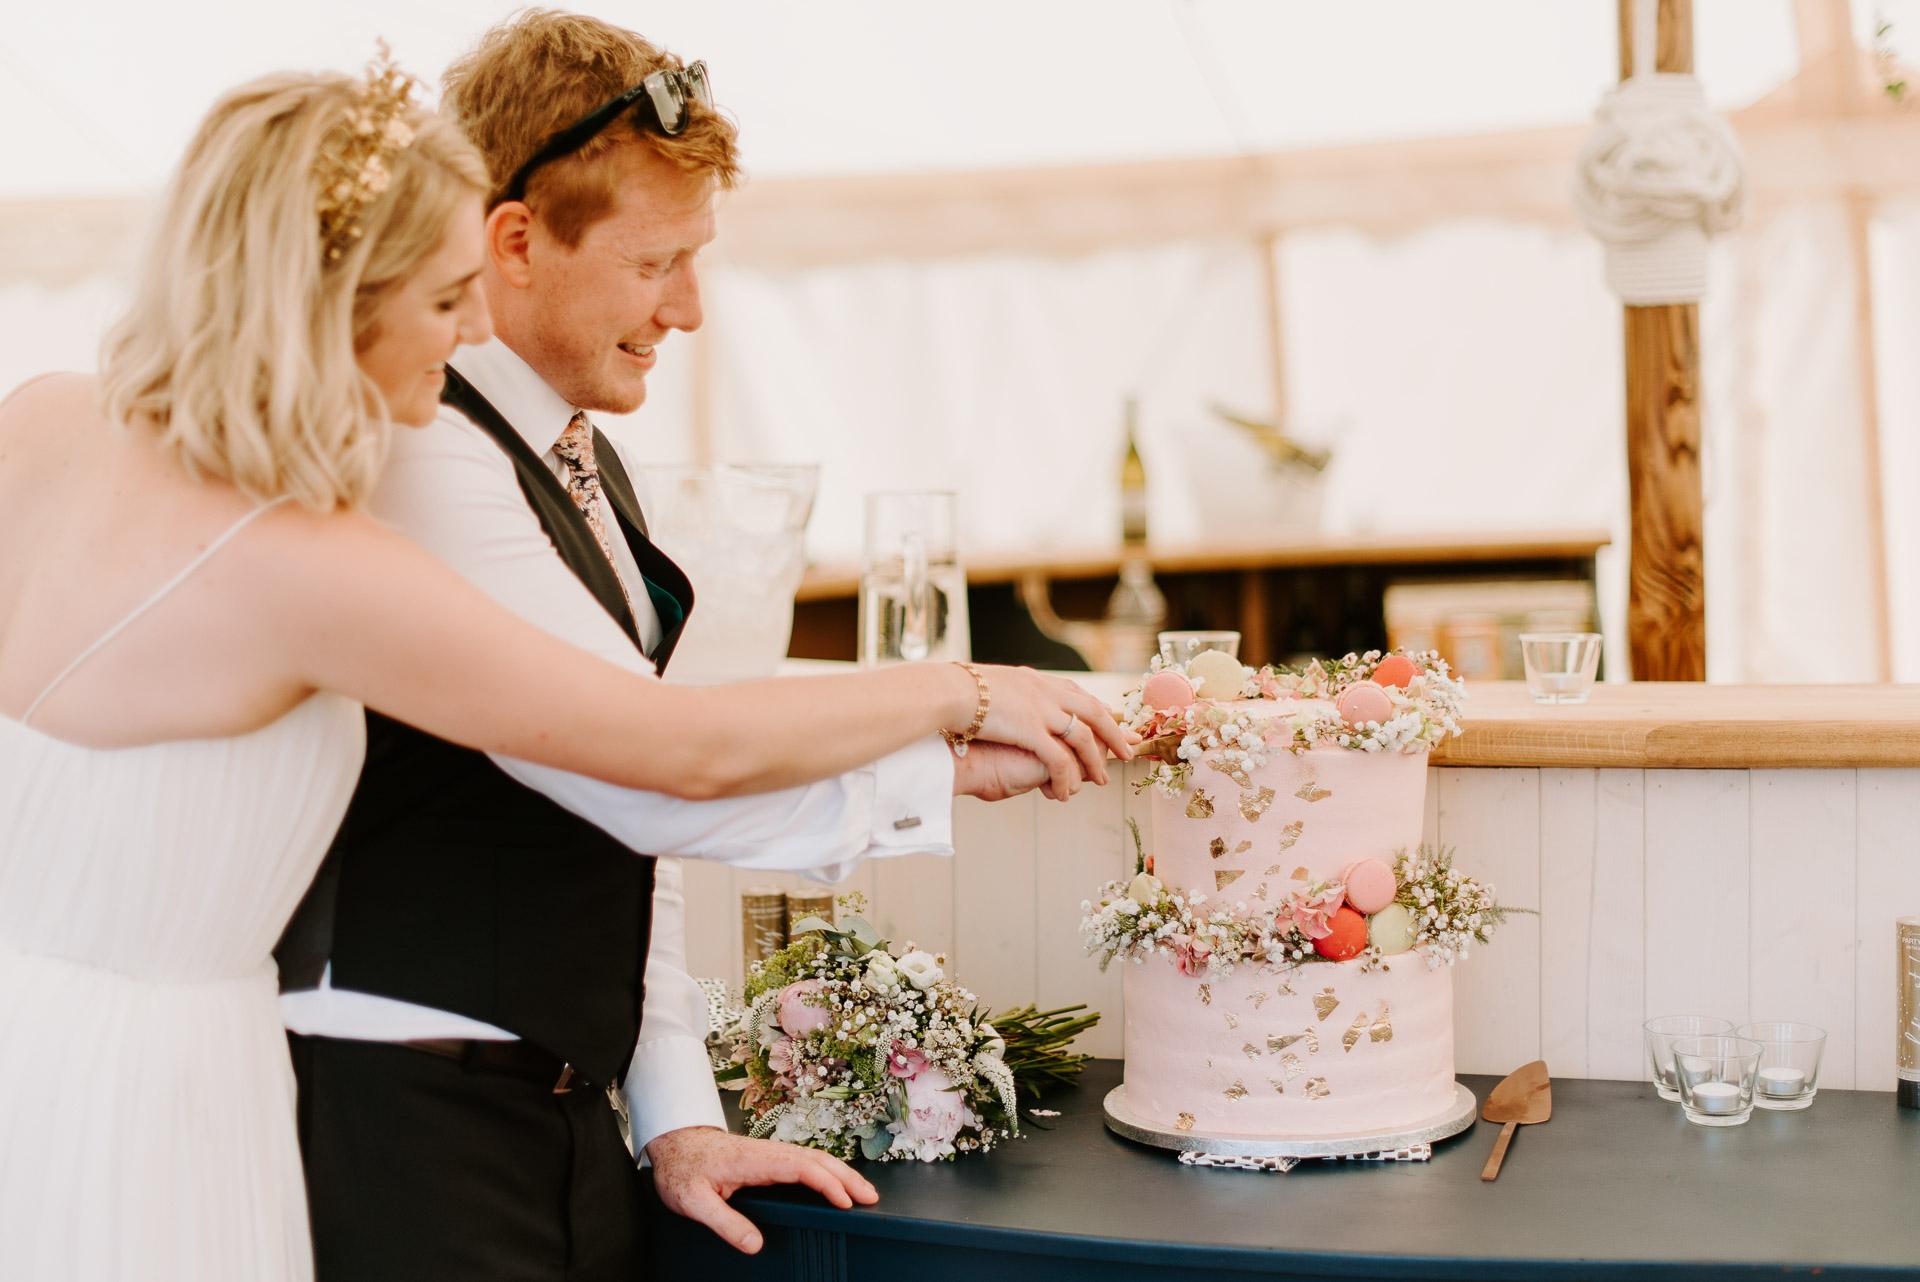 Henny_Jamie_East Sussex_Wedding_49.jpg